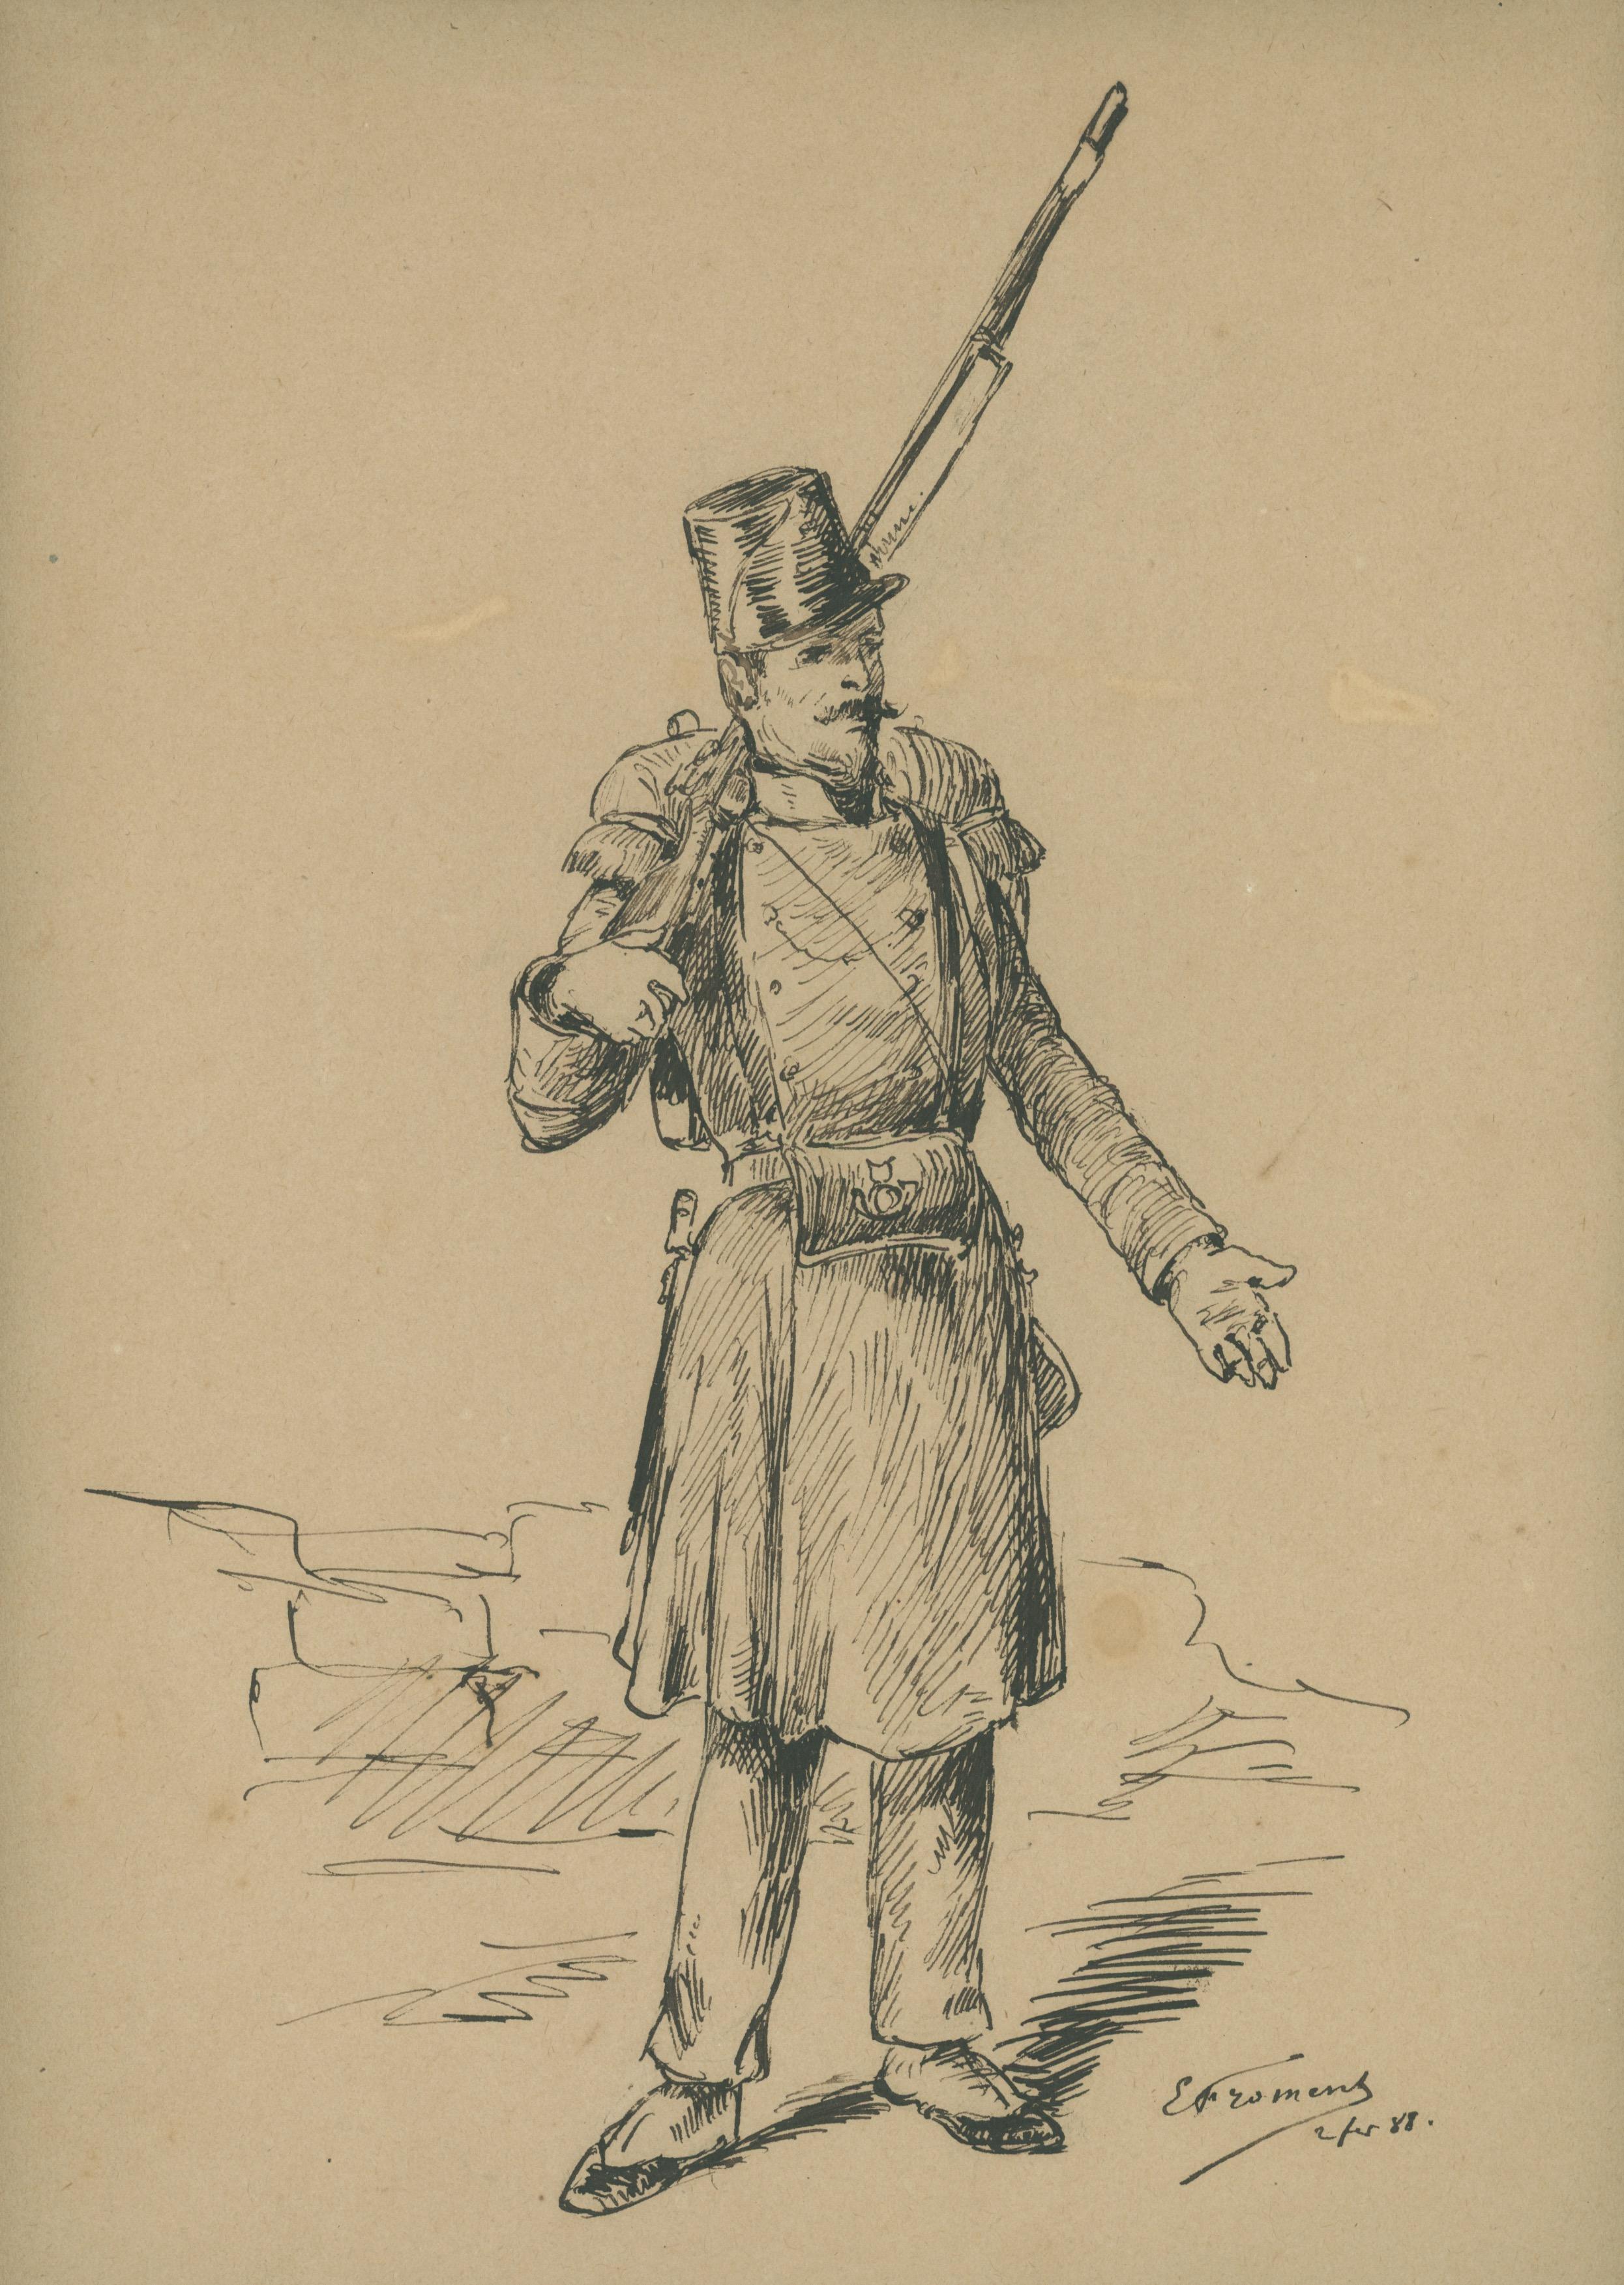 Dessin crayon plume encre - Soldat Infanterie Algérie Campagne - Uniforme - Campagne Algérie - Monarchie de Juillet